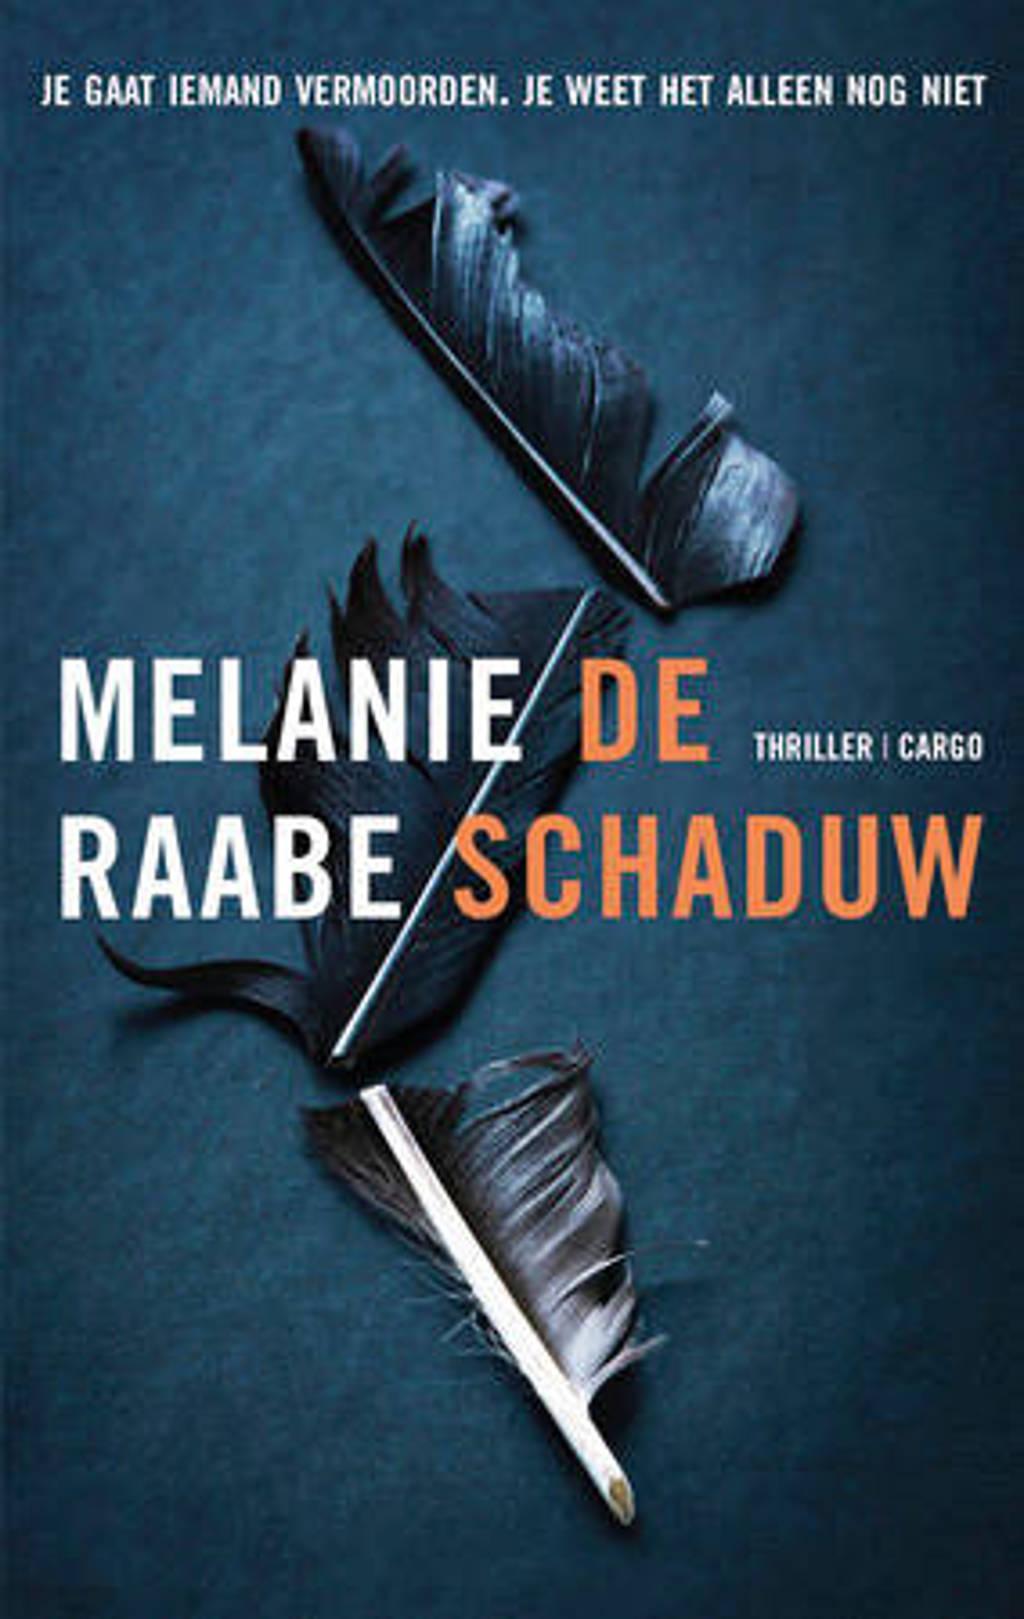 De schaduw - Melanie Raabe